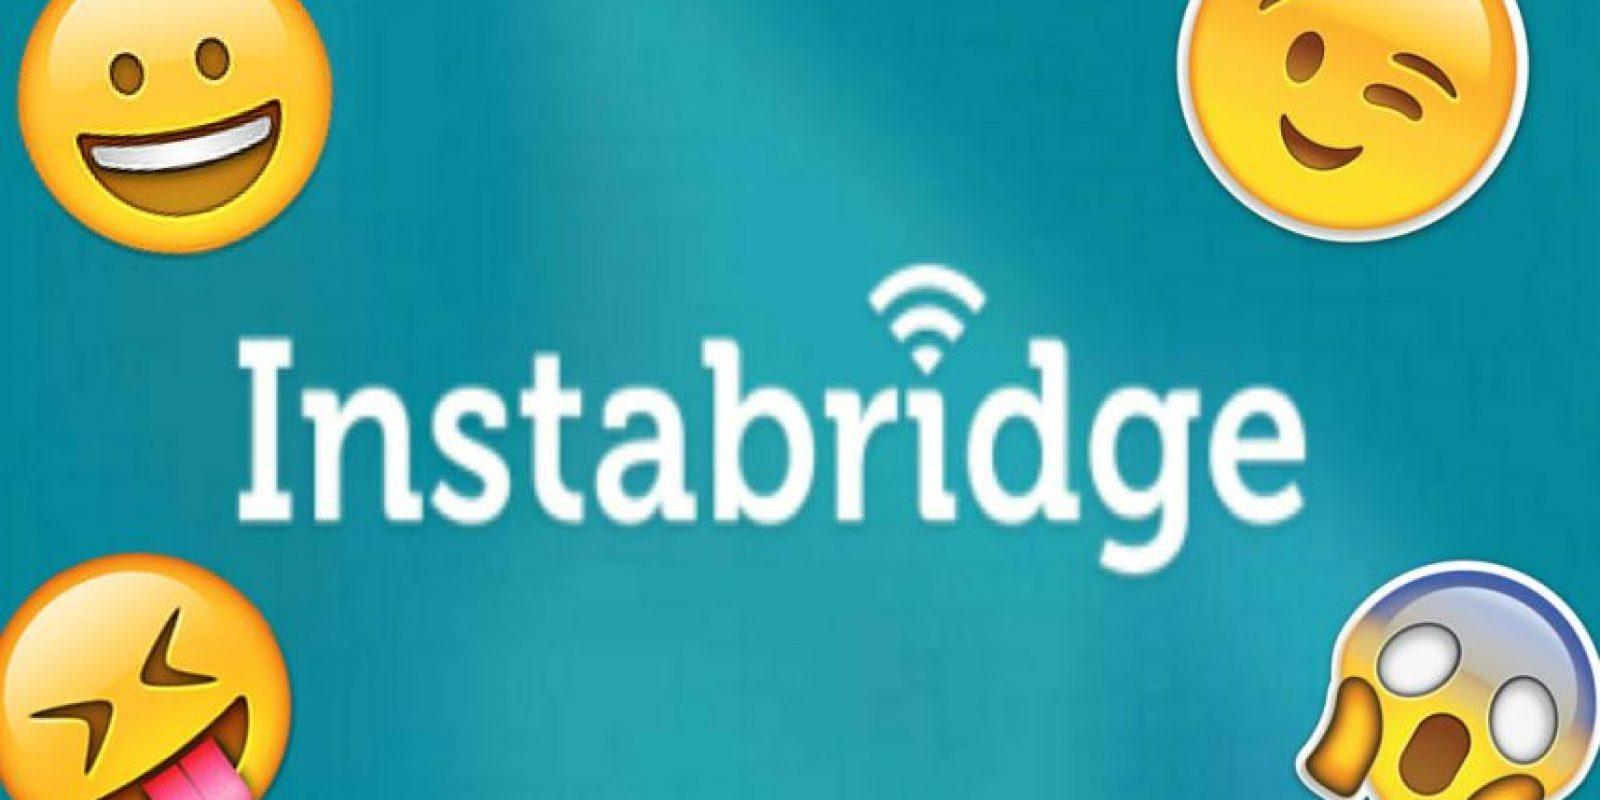 Su nombre es Instabridge. Foto:Instabridge/Edición